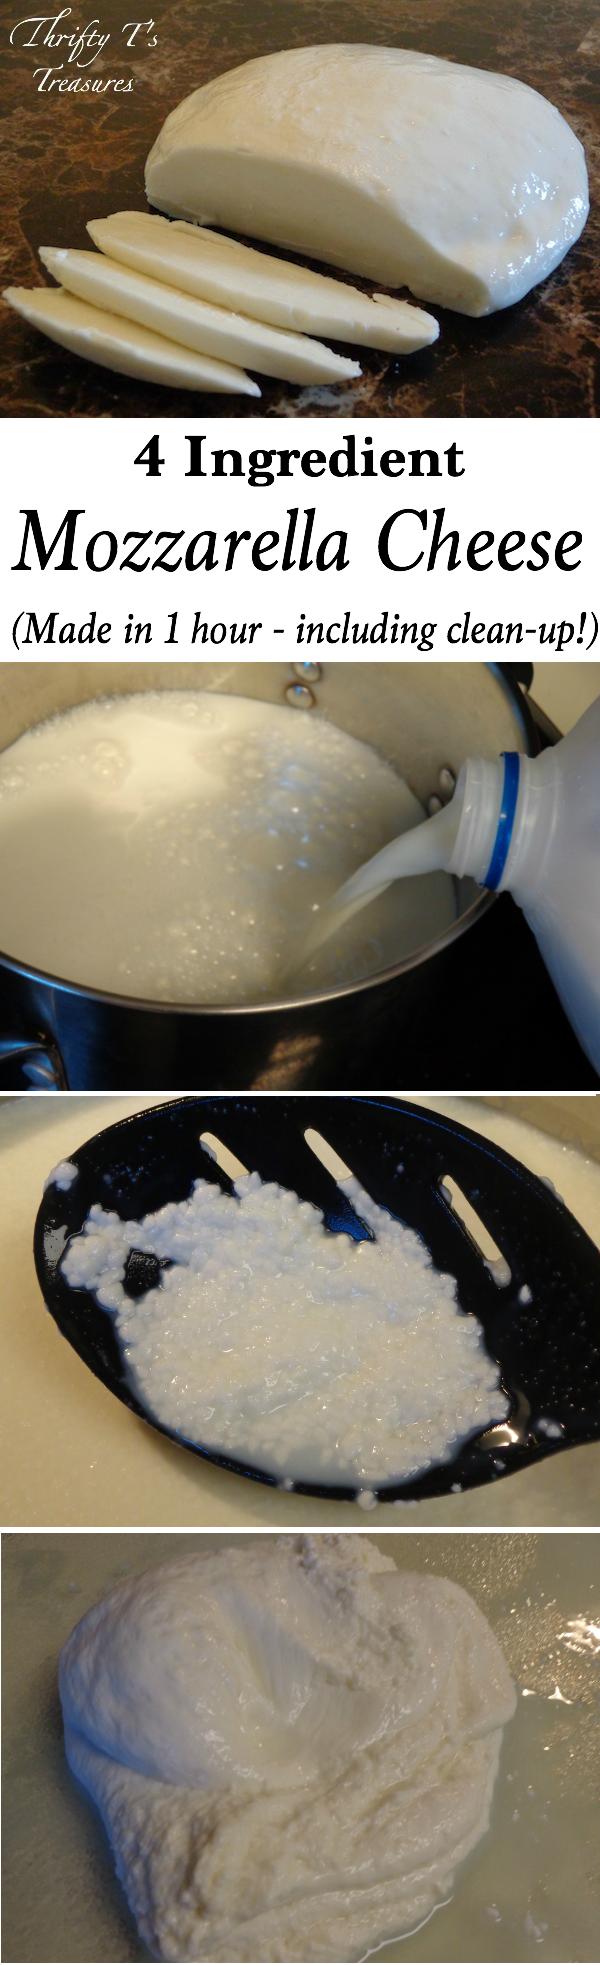 Como fazer Queijo Mussarela (em menos de 1 hora)  Este tutorial passo-a-passo mostra como fazer Mozzarella em uma hora. Quem sabia fazer o queijo poderia ser um projeto DIY tão fácil? Isto vai certamente ser uma daquelas receitas que você vai se apaixonar com o!